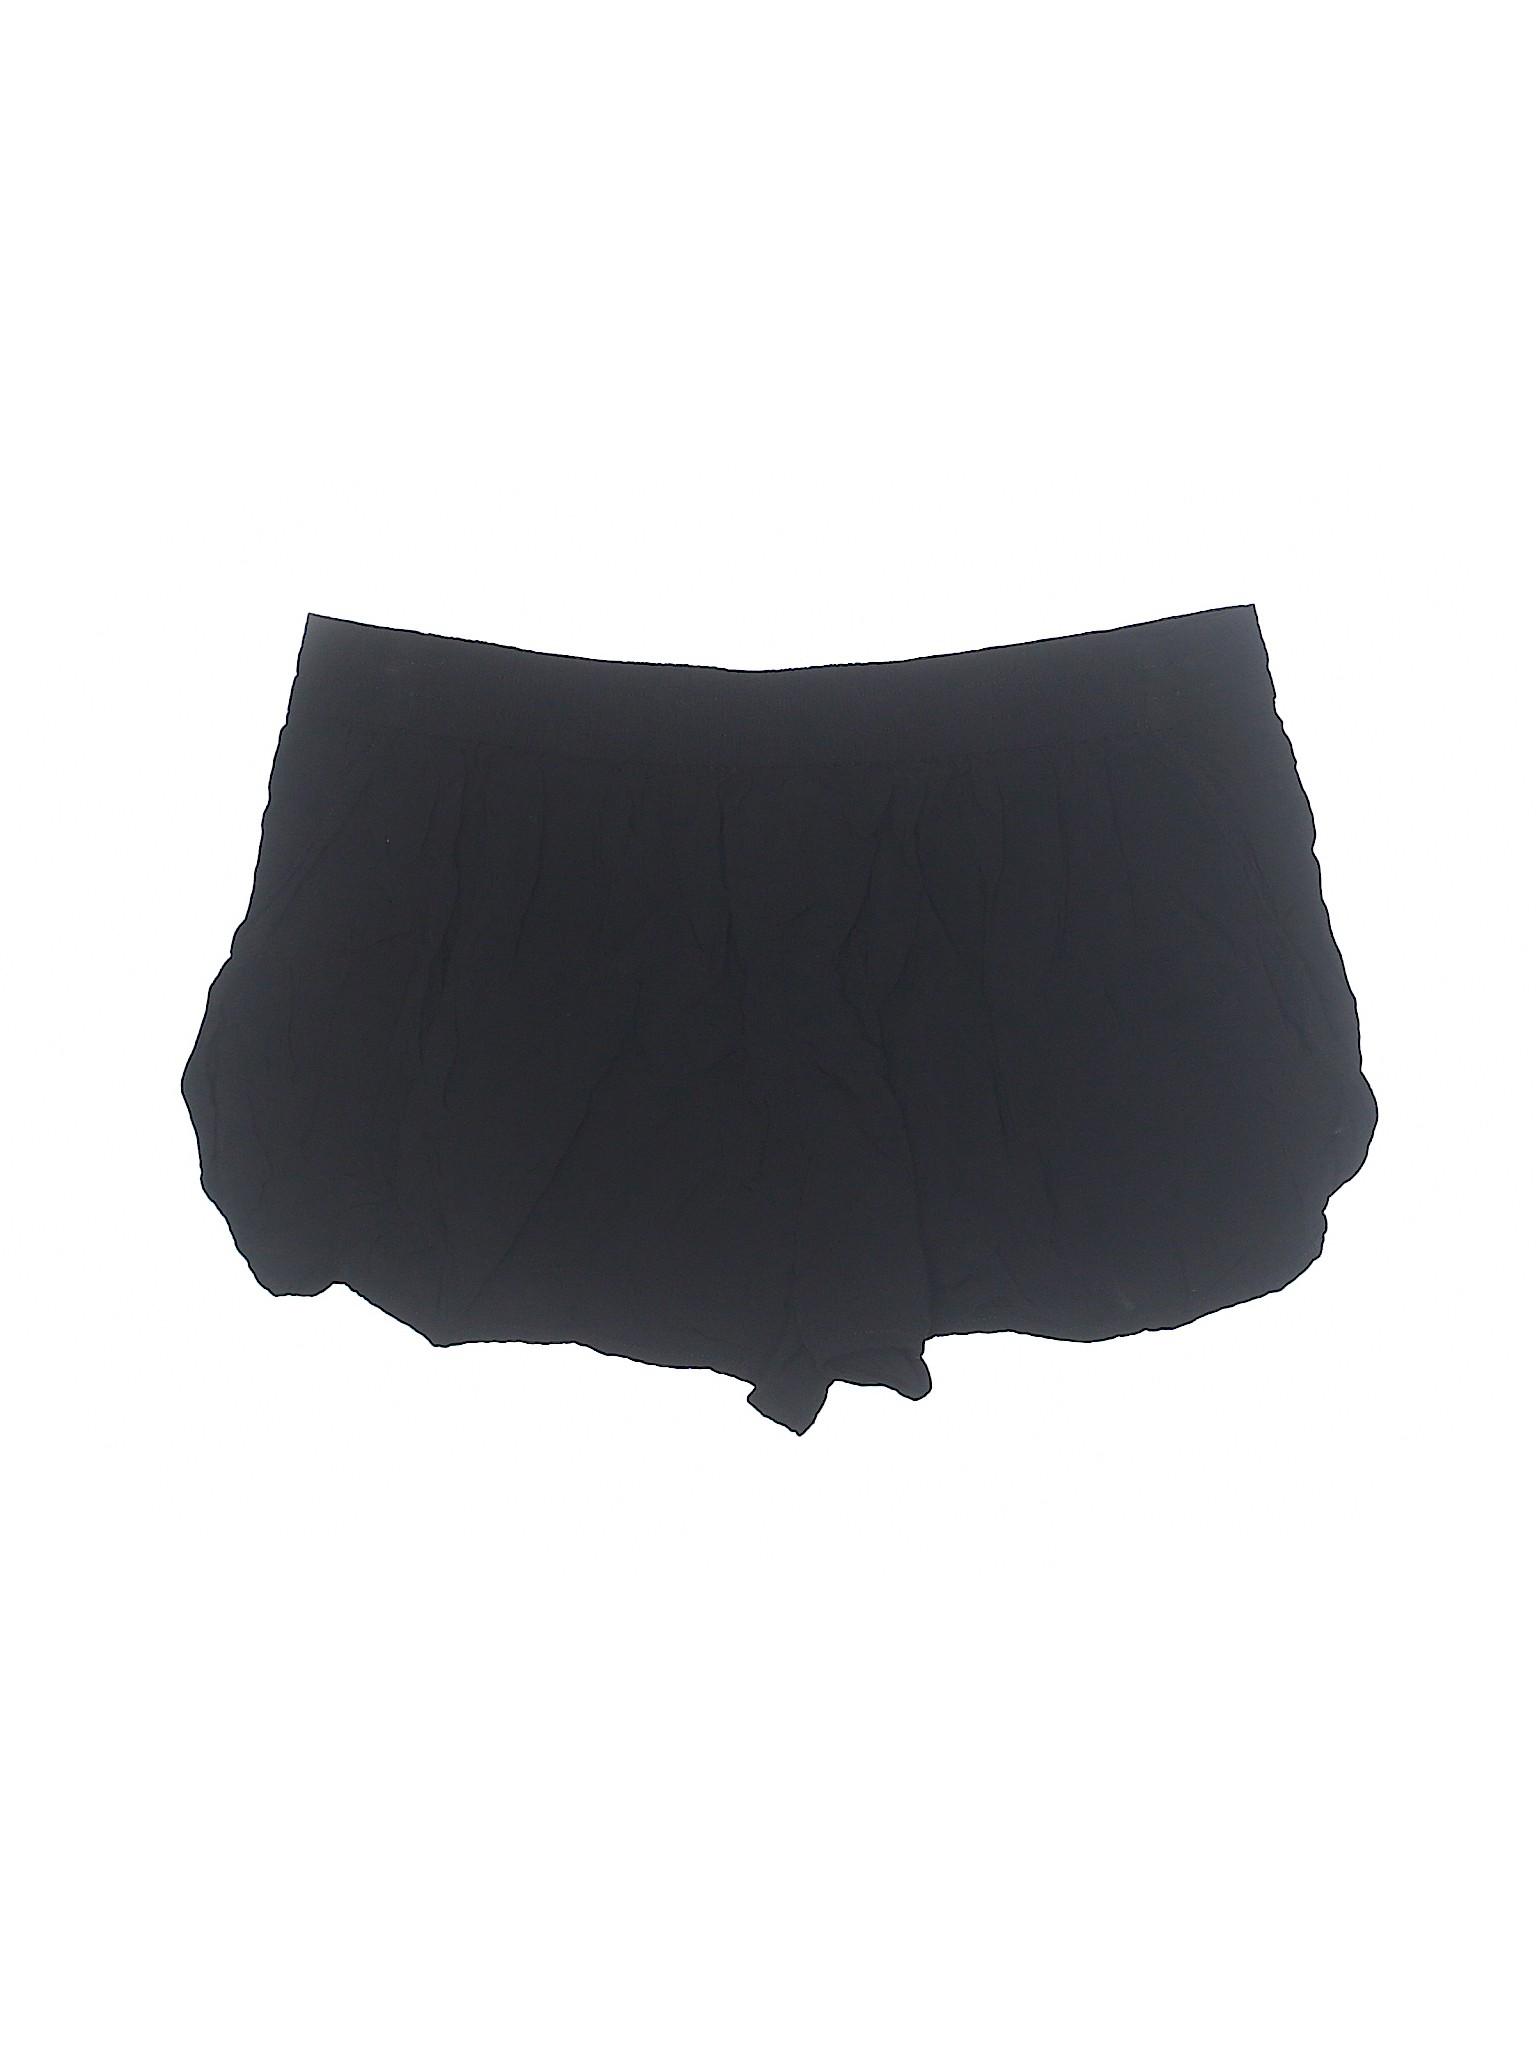 Shorts Boutique Shorts Lole Lole Boutique Boutique Shorts Athletic Athletic Lole Boutique Athletic ng4OxOPS